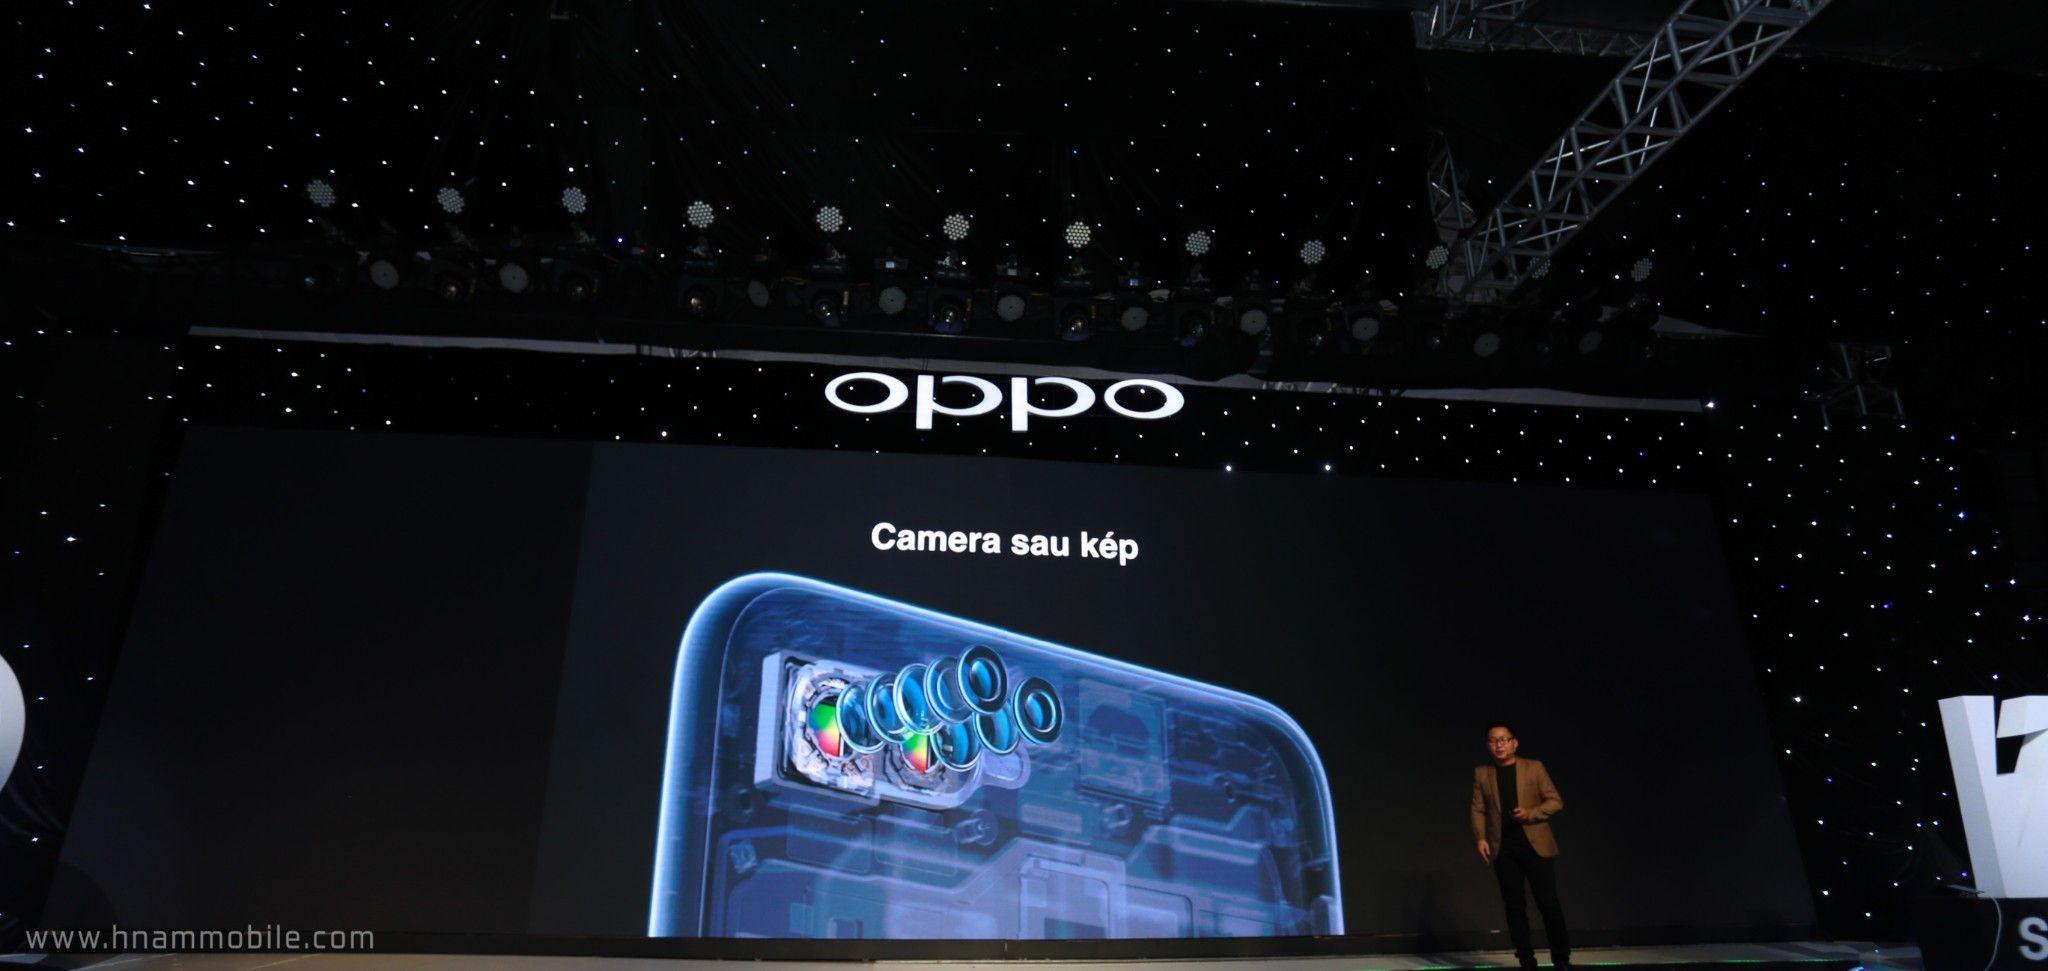 OPPO F9 ra mắt: Màn hình giọt nước, sạc nhanh VOOC, camera kép, giá 7.690.000 VNĐ hình 6